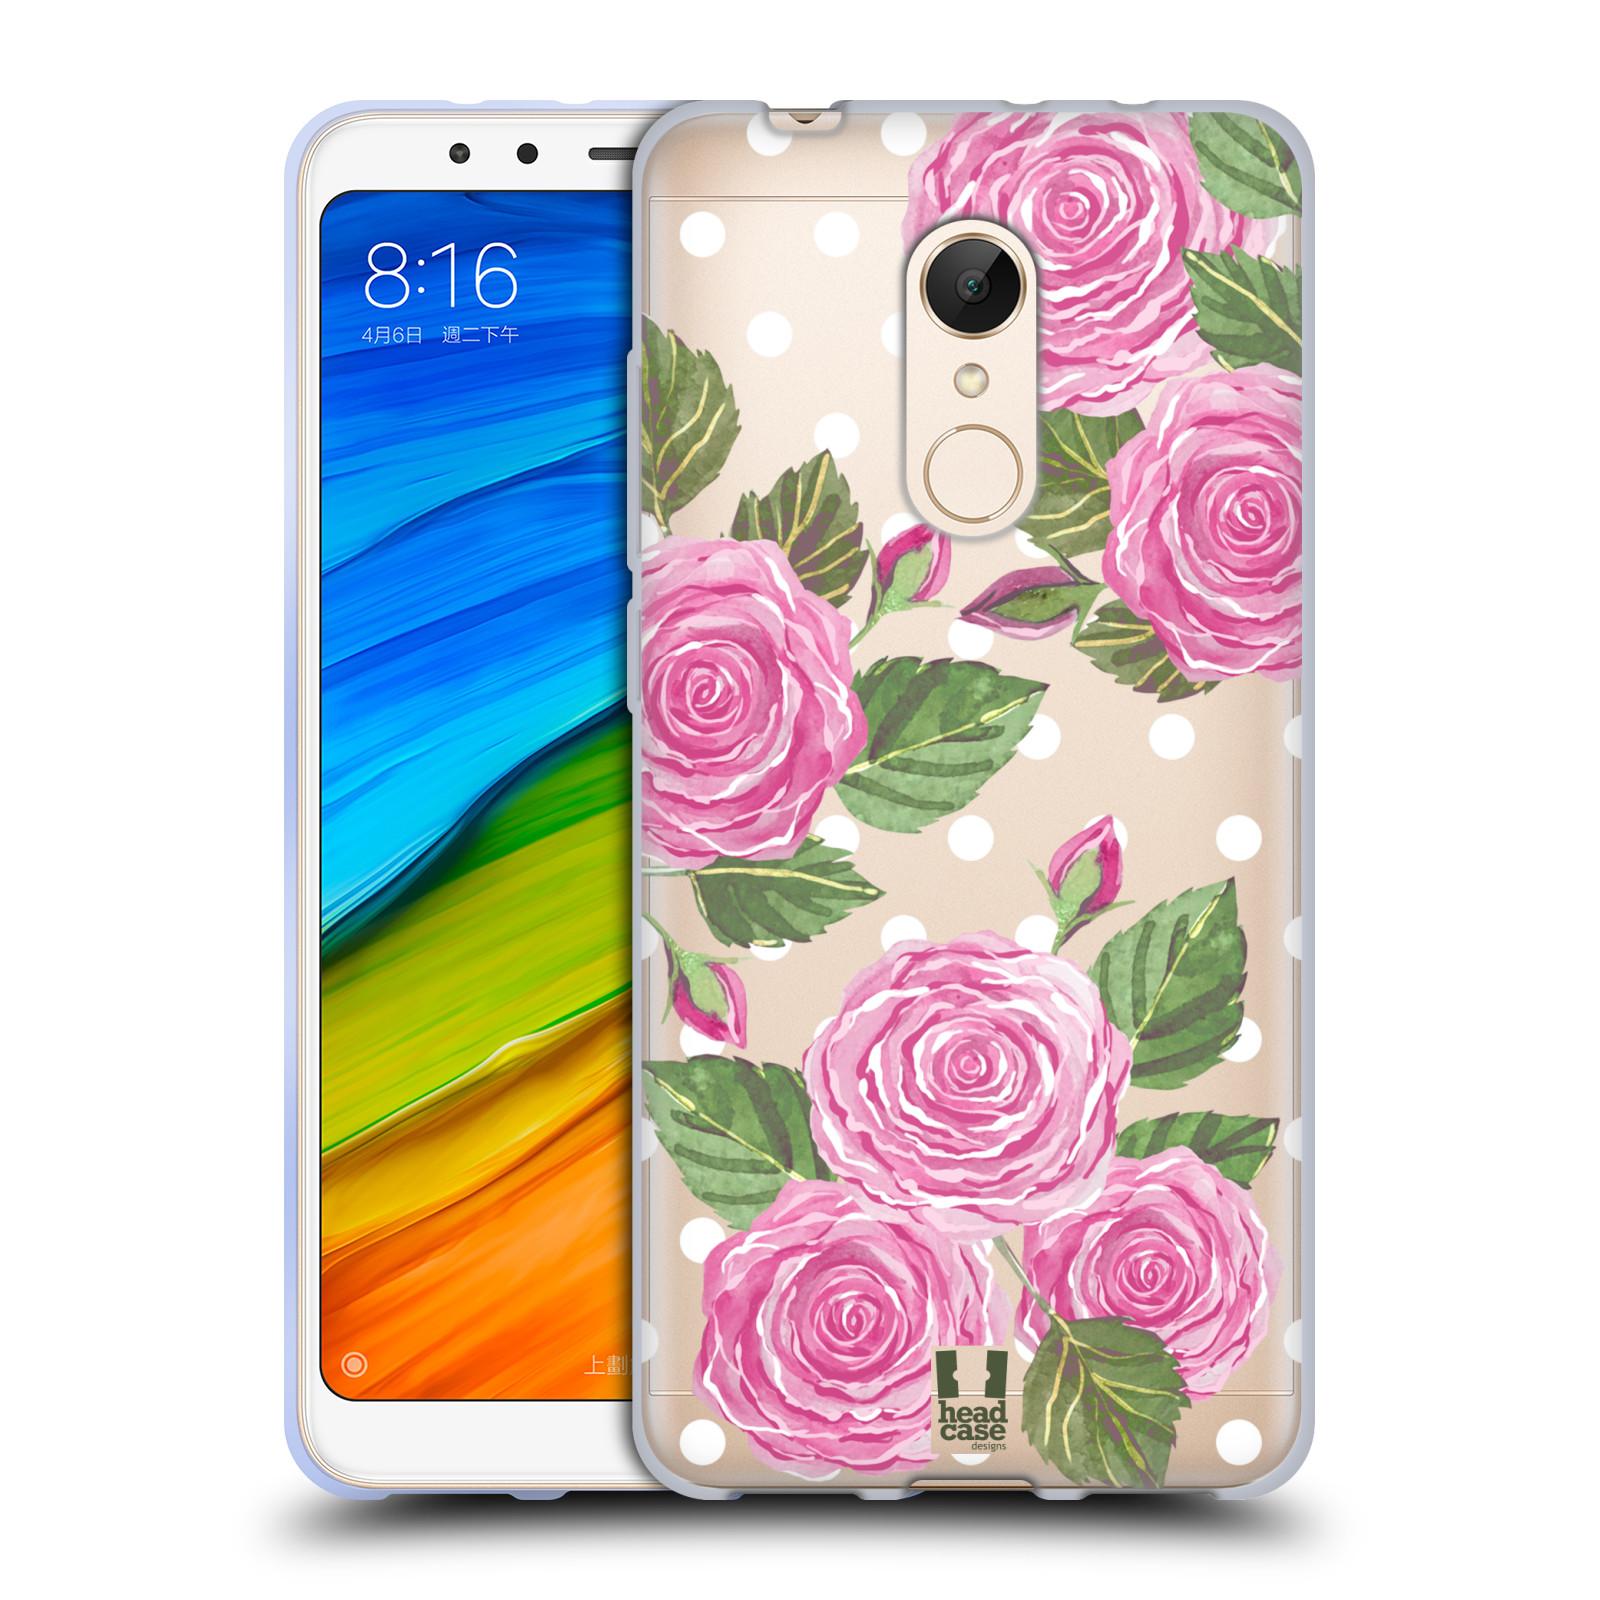 Silikonové pouzdro na mobil Xiaomi Redmi 5 - Head Case - Hezoučké růžičky - průhledné